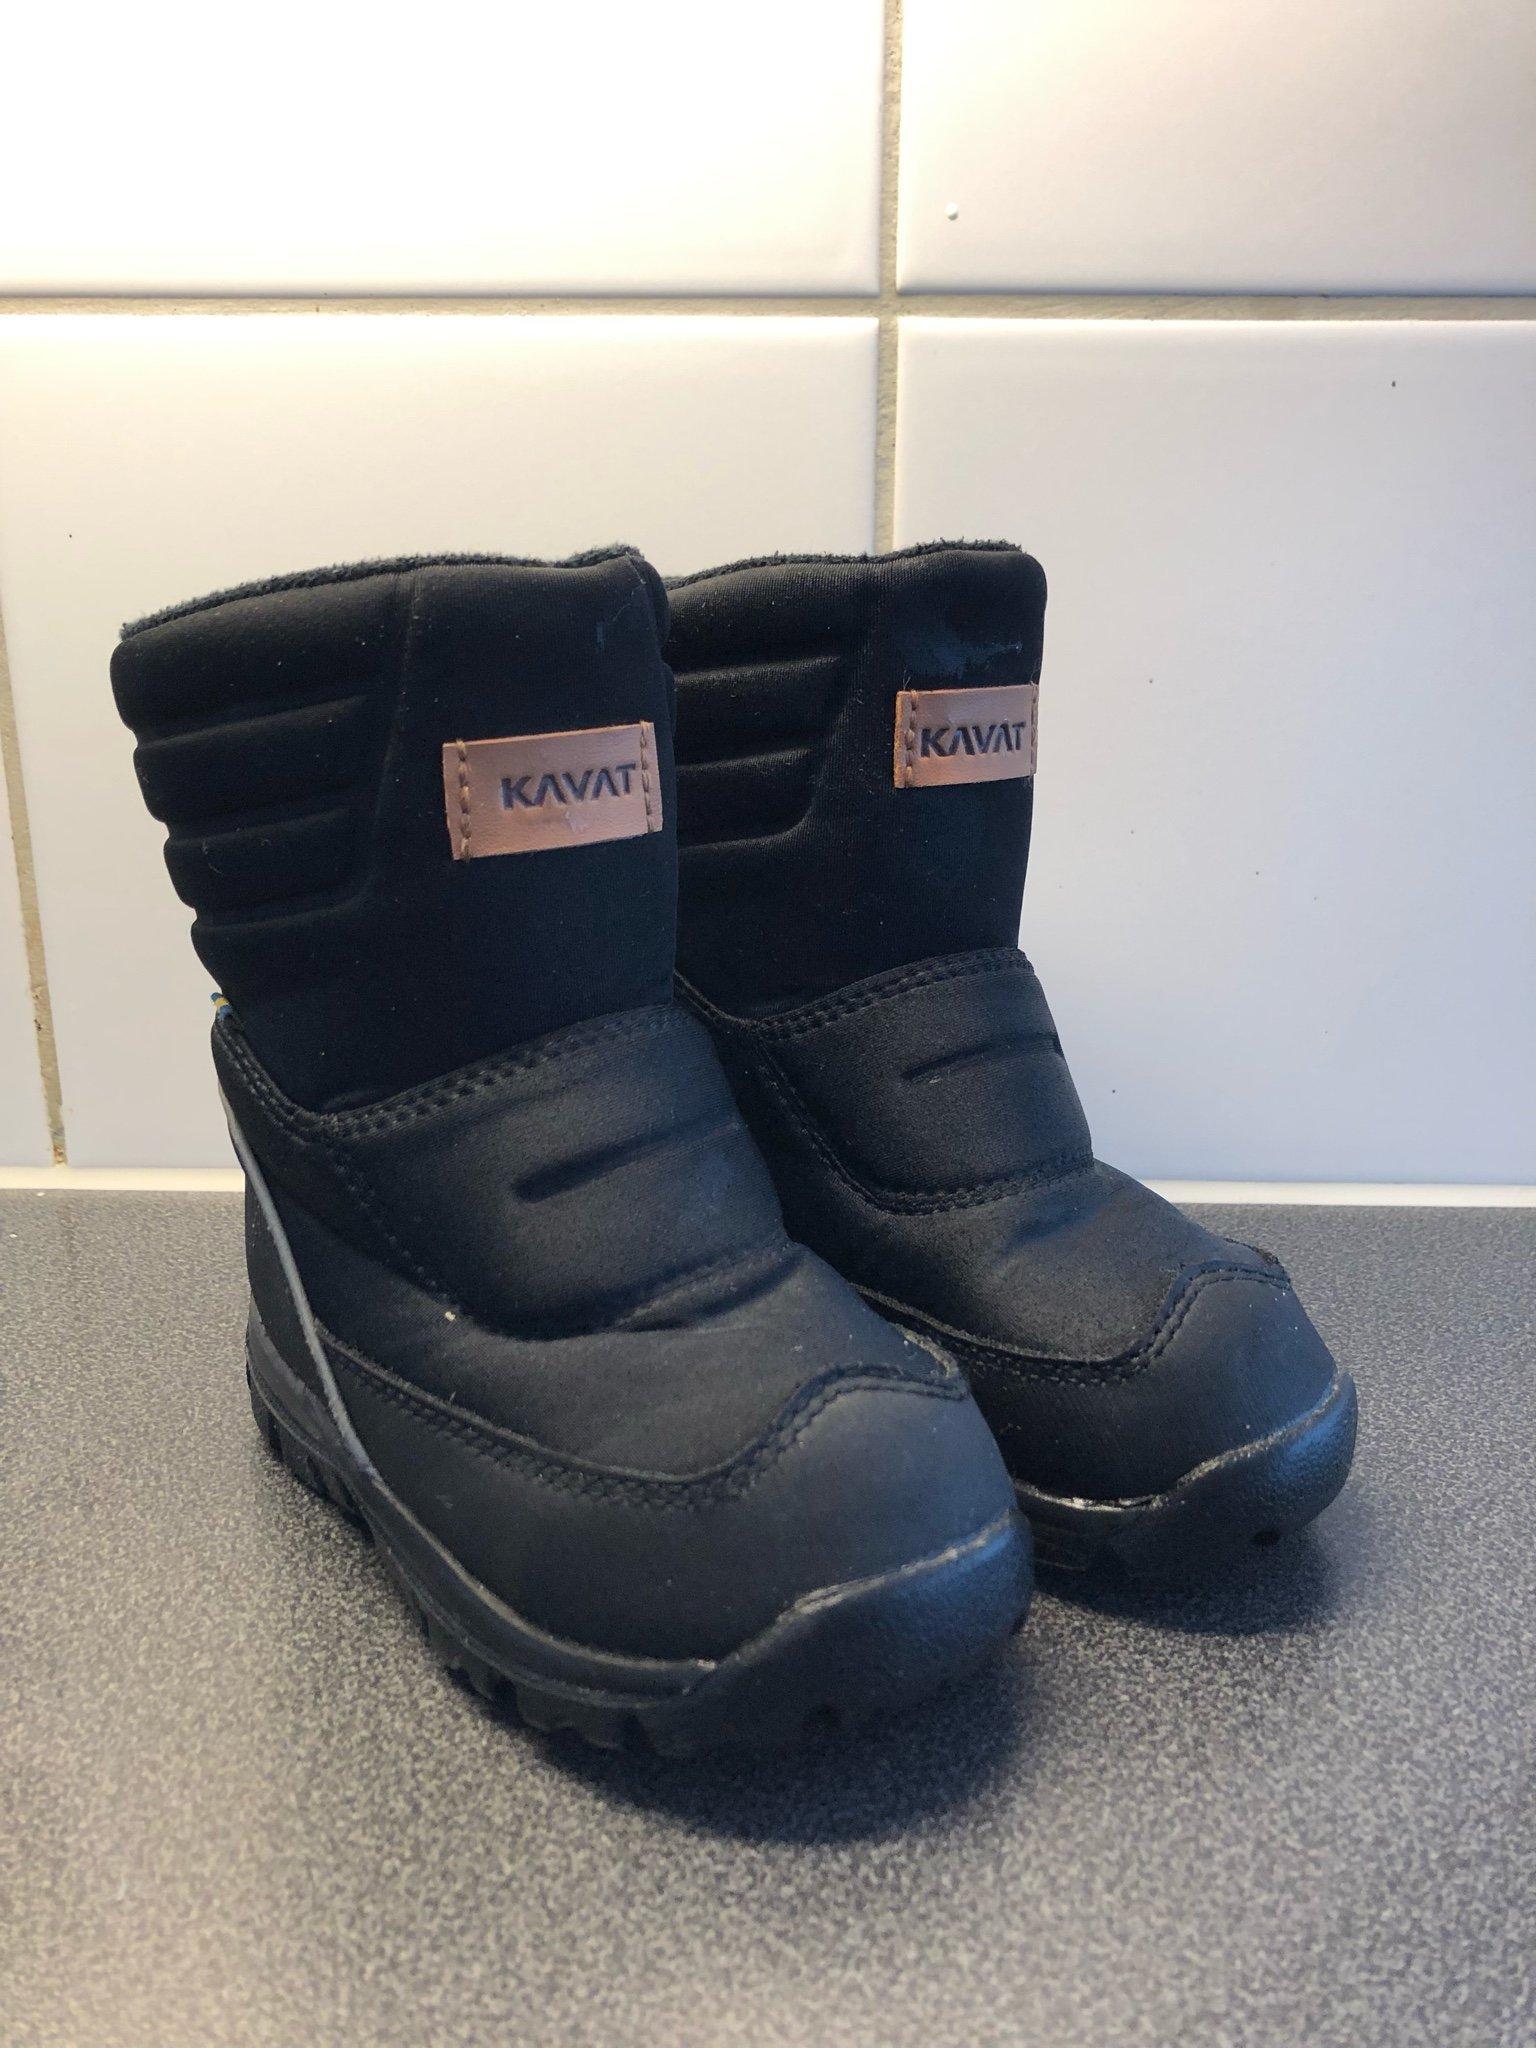 fd3bfcf5d08 Kavat Voxna WP Black Barn fodrade skor storlek 24 (349246215) ᐈ Köp ...